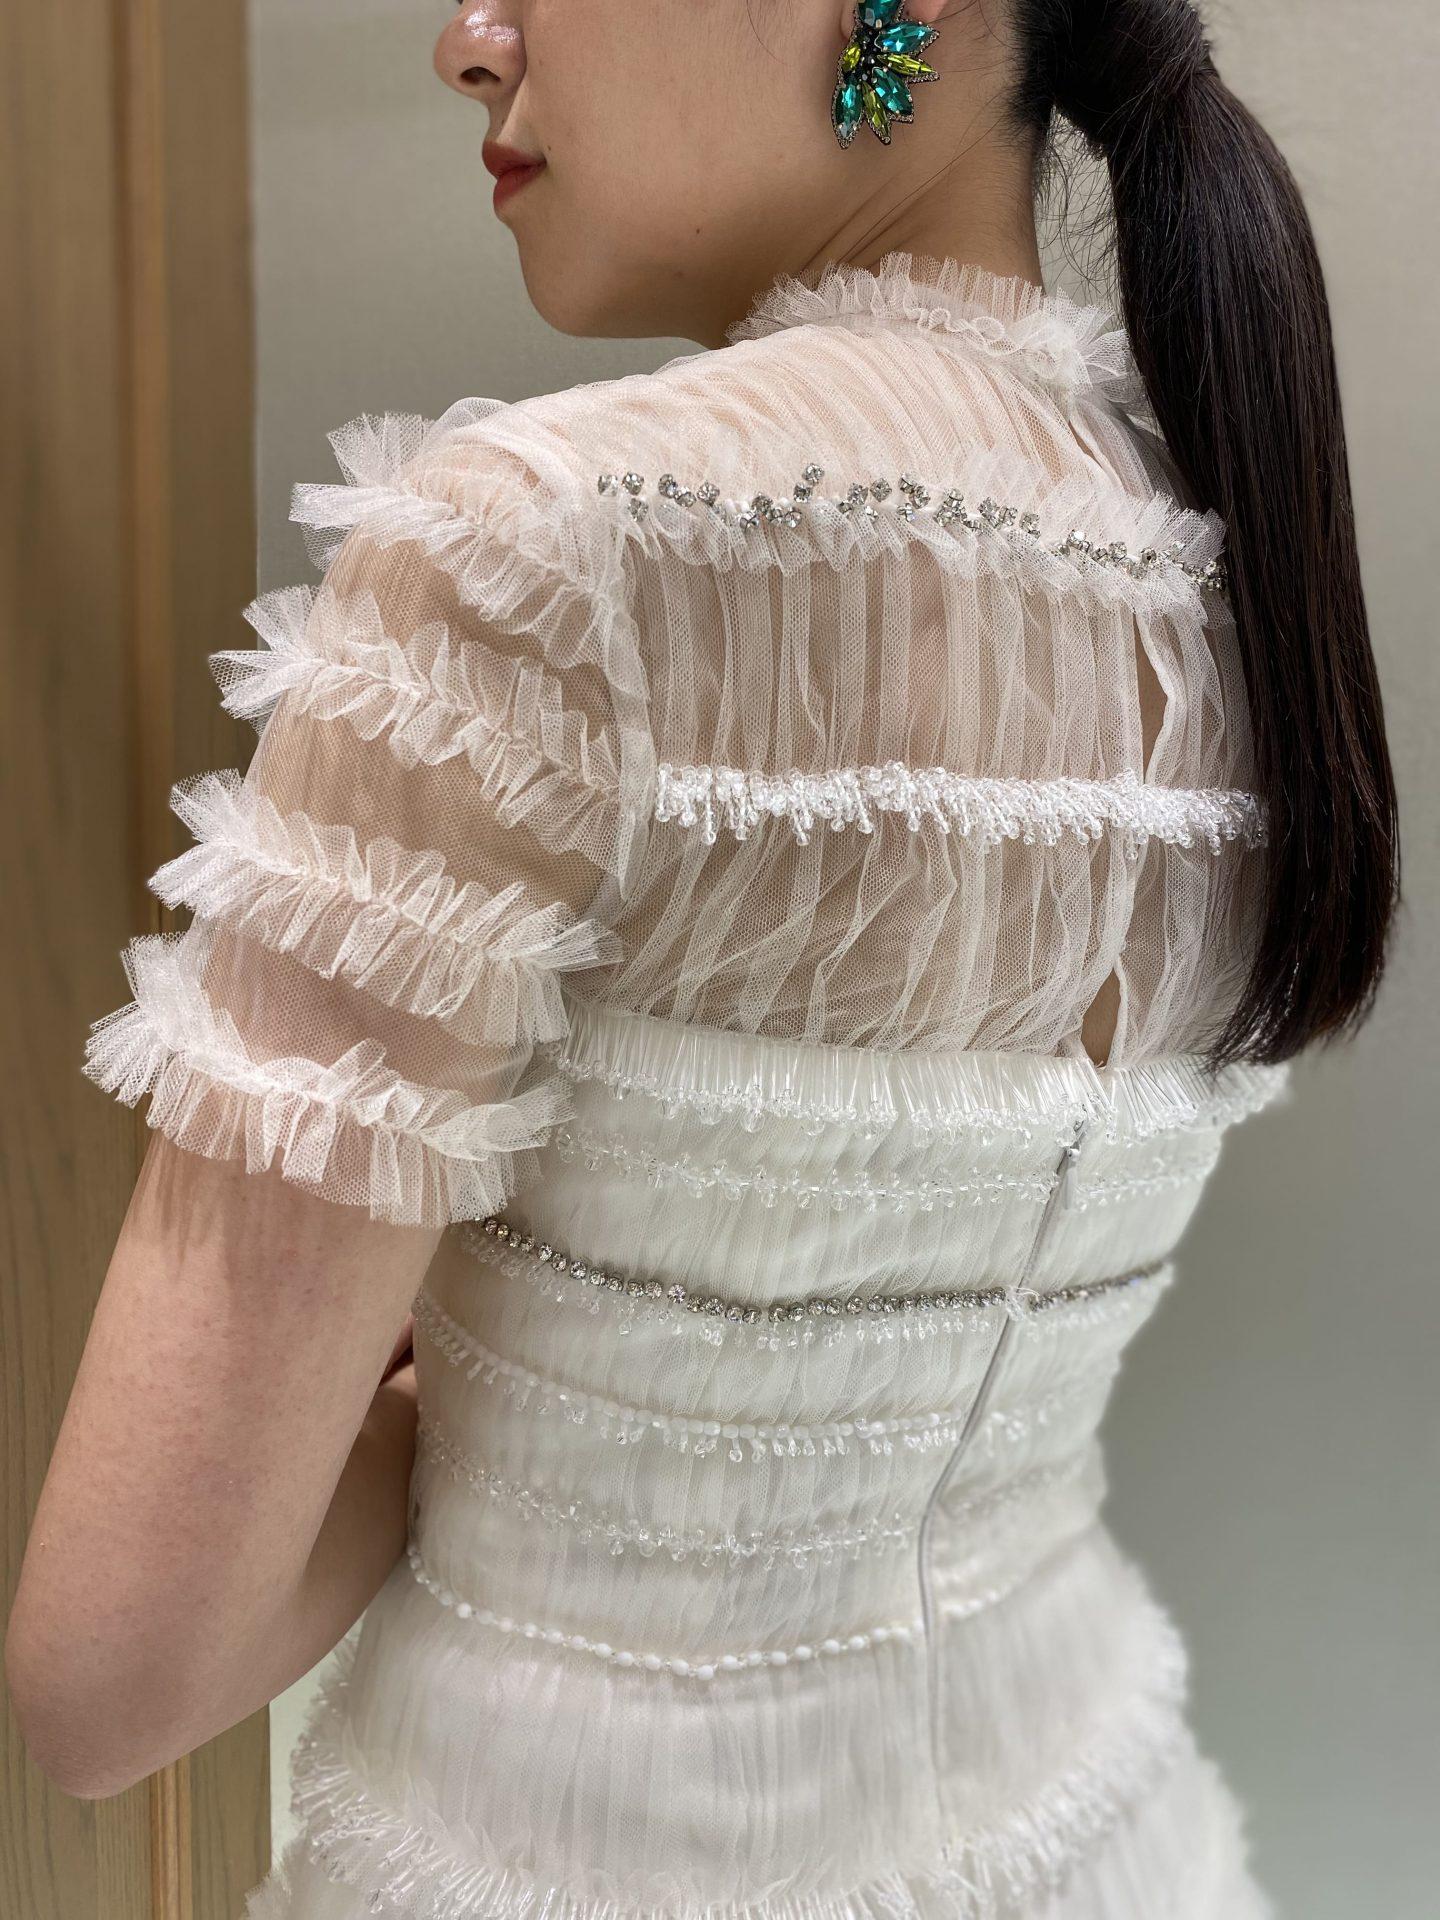 ザ・トリートドレッシング名古屋店で人気のミカドシルクやビジューやチュールが美しいヴィクターアンドロルフマリアージュのウエディングドレス